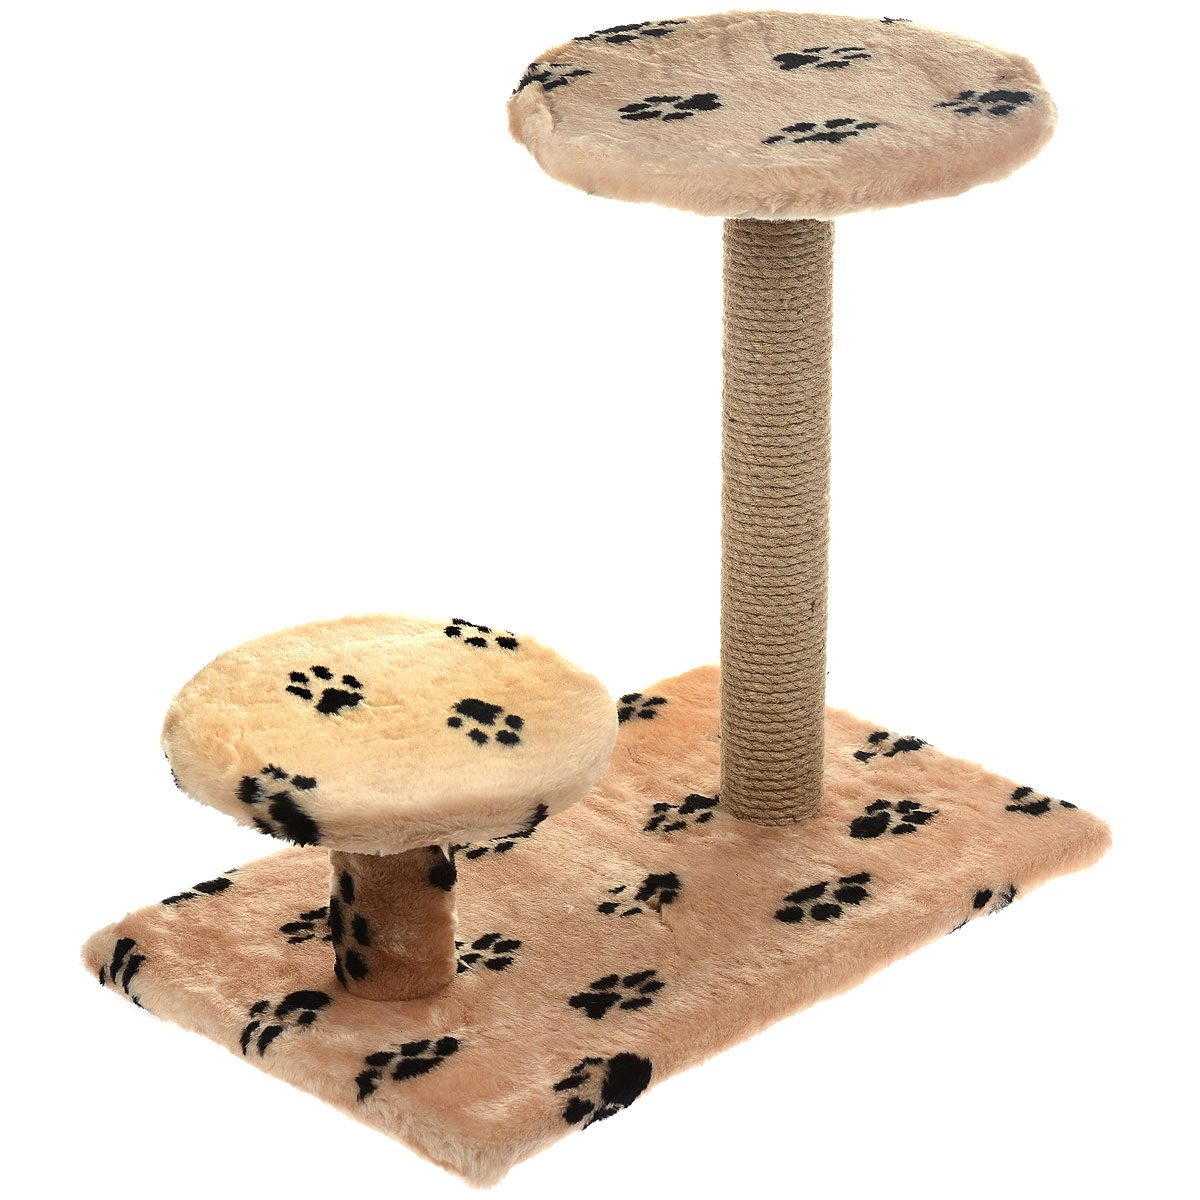 Когтеточка Пушок, с круглой площадкой и ступенькой, цвет: бежевый, 62 х 58 х 38 см0120710Когтеточка Пушок поможет сохранить мебель и ковры в доме от когтей вашего любимца, стремящегося удовлетворить свою естественную потребность точить когти. Когтеточка изготовлена из джута, прямоугольное основание выполнено из ДСП и обтянуто искусственным мехом. Изделие оснащено круглой площадкой и ступенькой. Товар продуман в мельчайших деталях и, несомненно, понравится вашей кошке. Всем кошкам необходимо стачивать когти. Когтеточка - один из самых необходимых аксессуаров для кошки. Для приучения к когтеточке можно натереть ее сухой валерьянкой или кошачьей мятой. Когтеточка поможет вашему любимцу стачивать когти и при этом не портить вашу мебель.